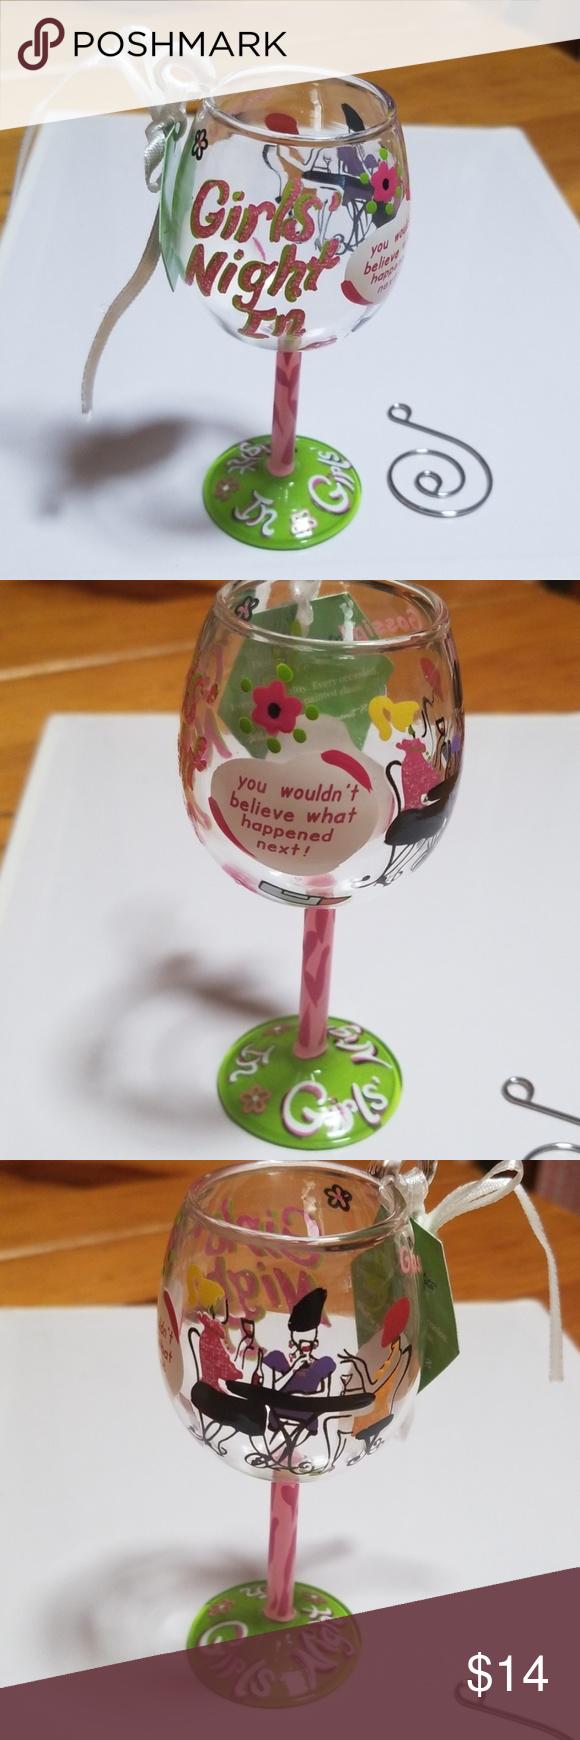 41+ Miniature wine glass ornaments ideas